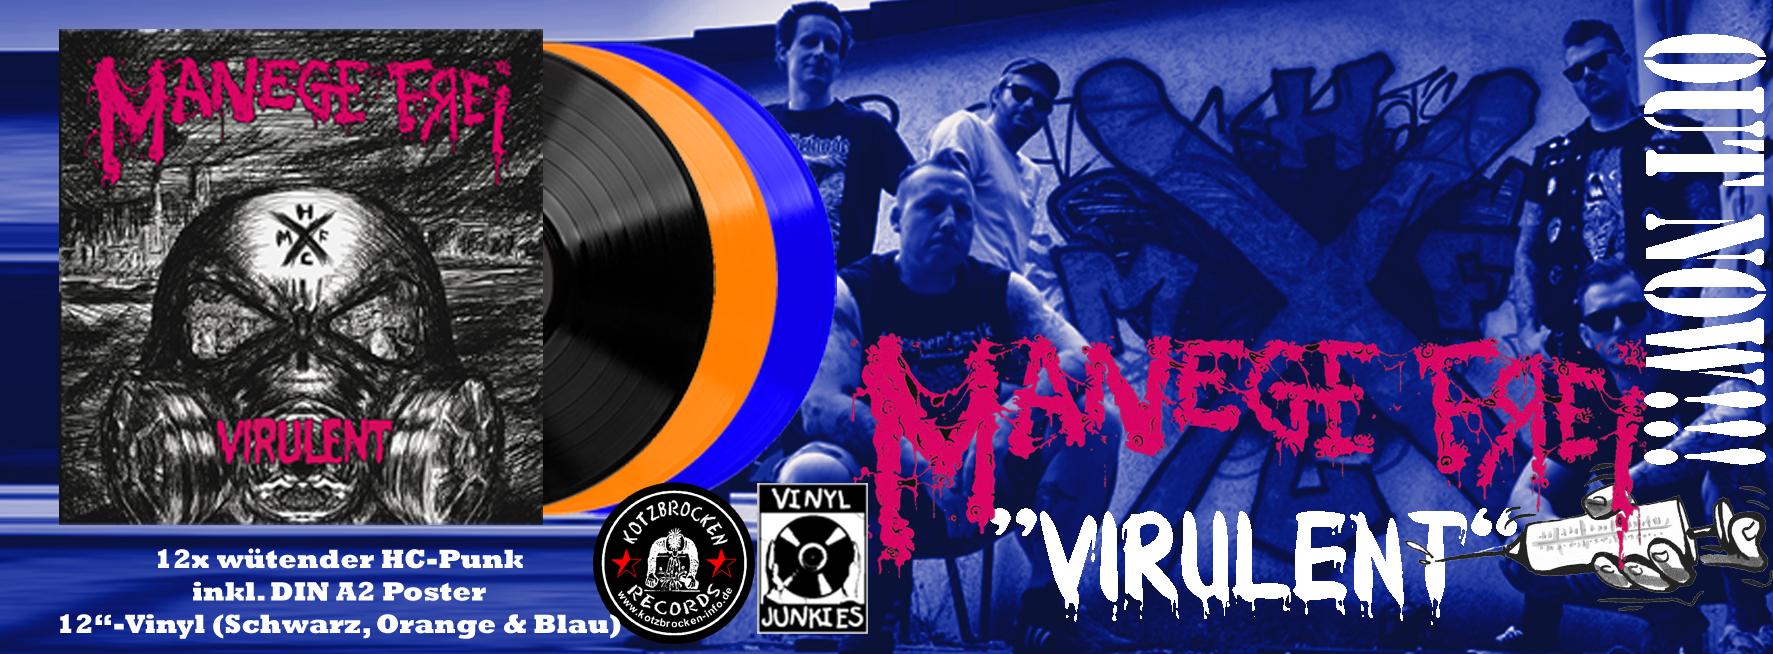 MANEGE FREI - Virulent (LP + Poster)